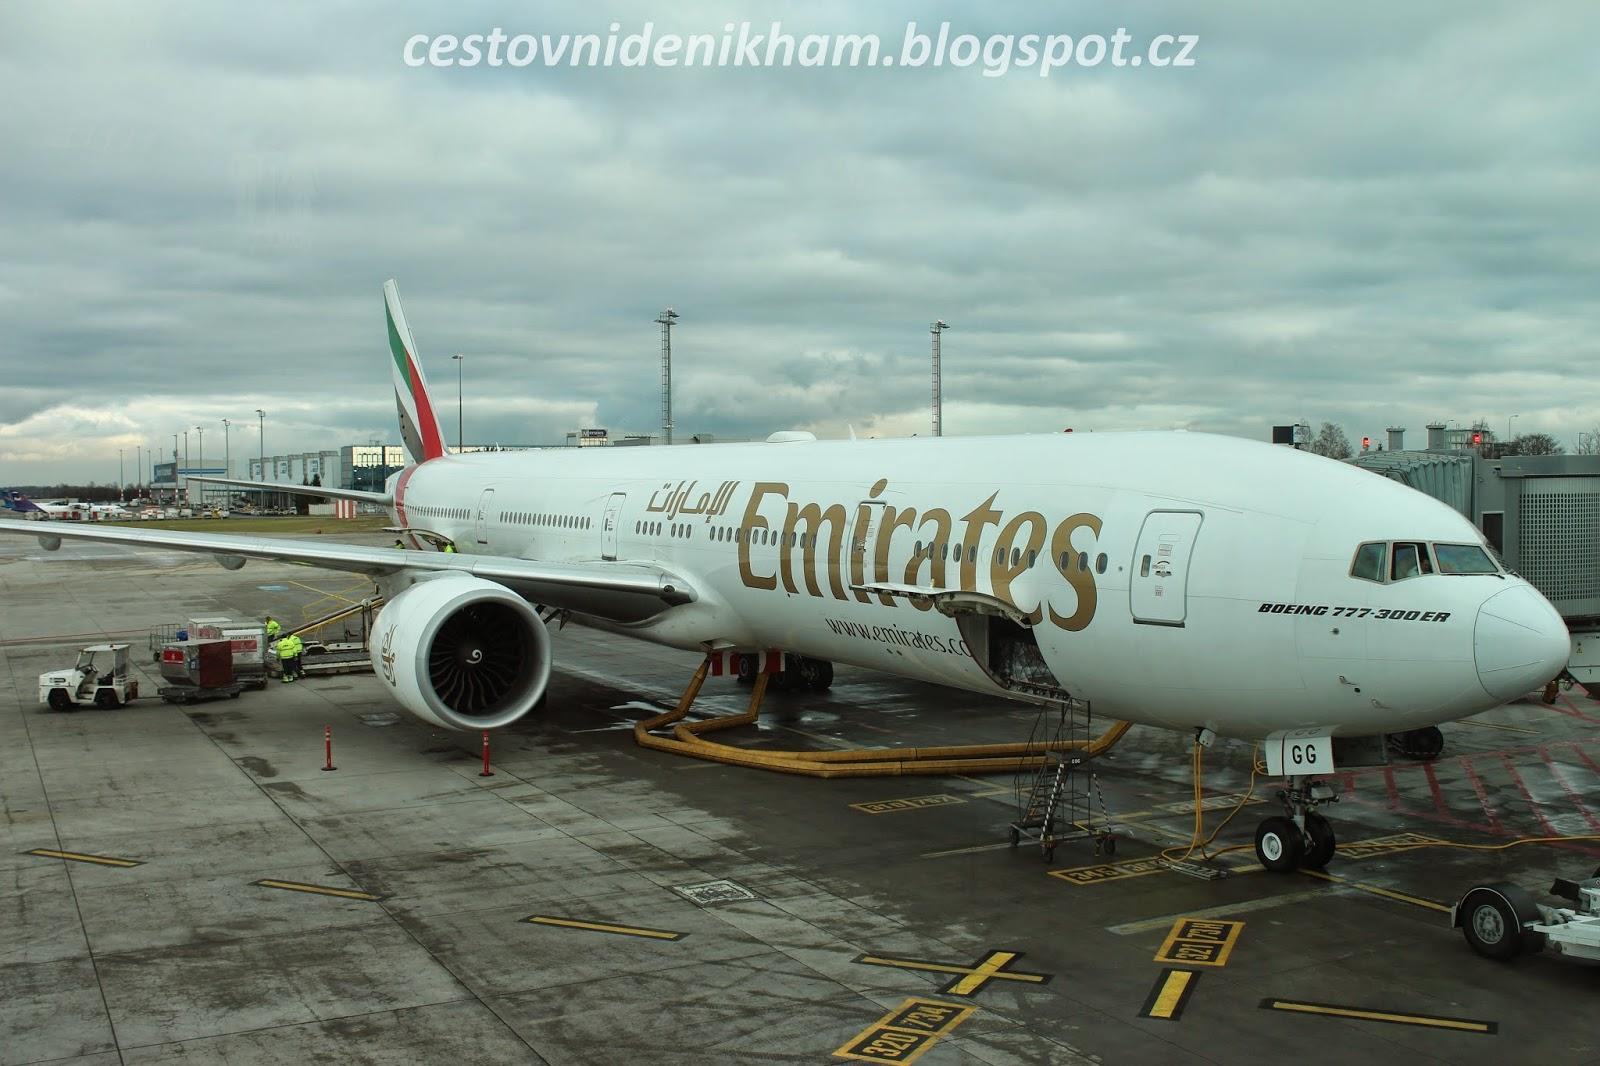 letadlo Praha - Dubaj // airplane Boeing 777-300